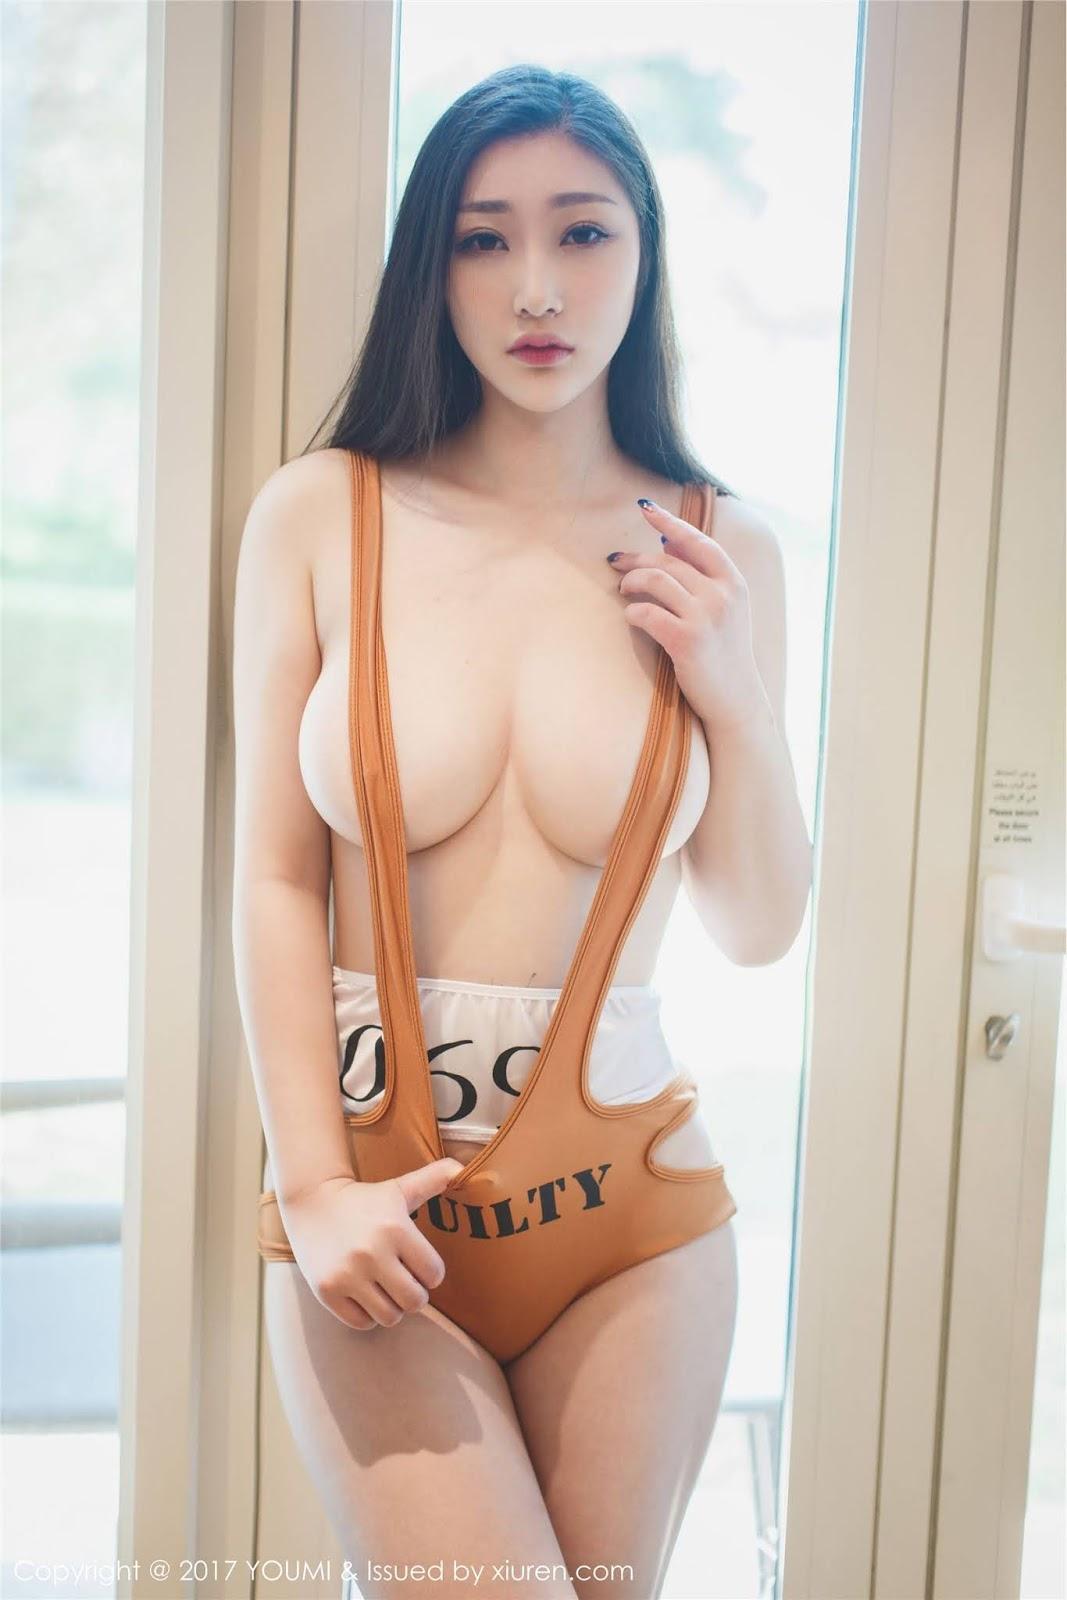 Chinese Girl Daji Toxic 妲己 Youmi Vol 077 (48 Pict)